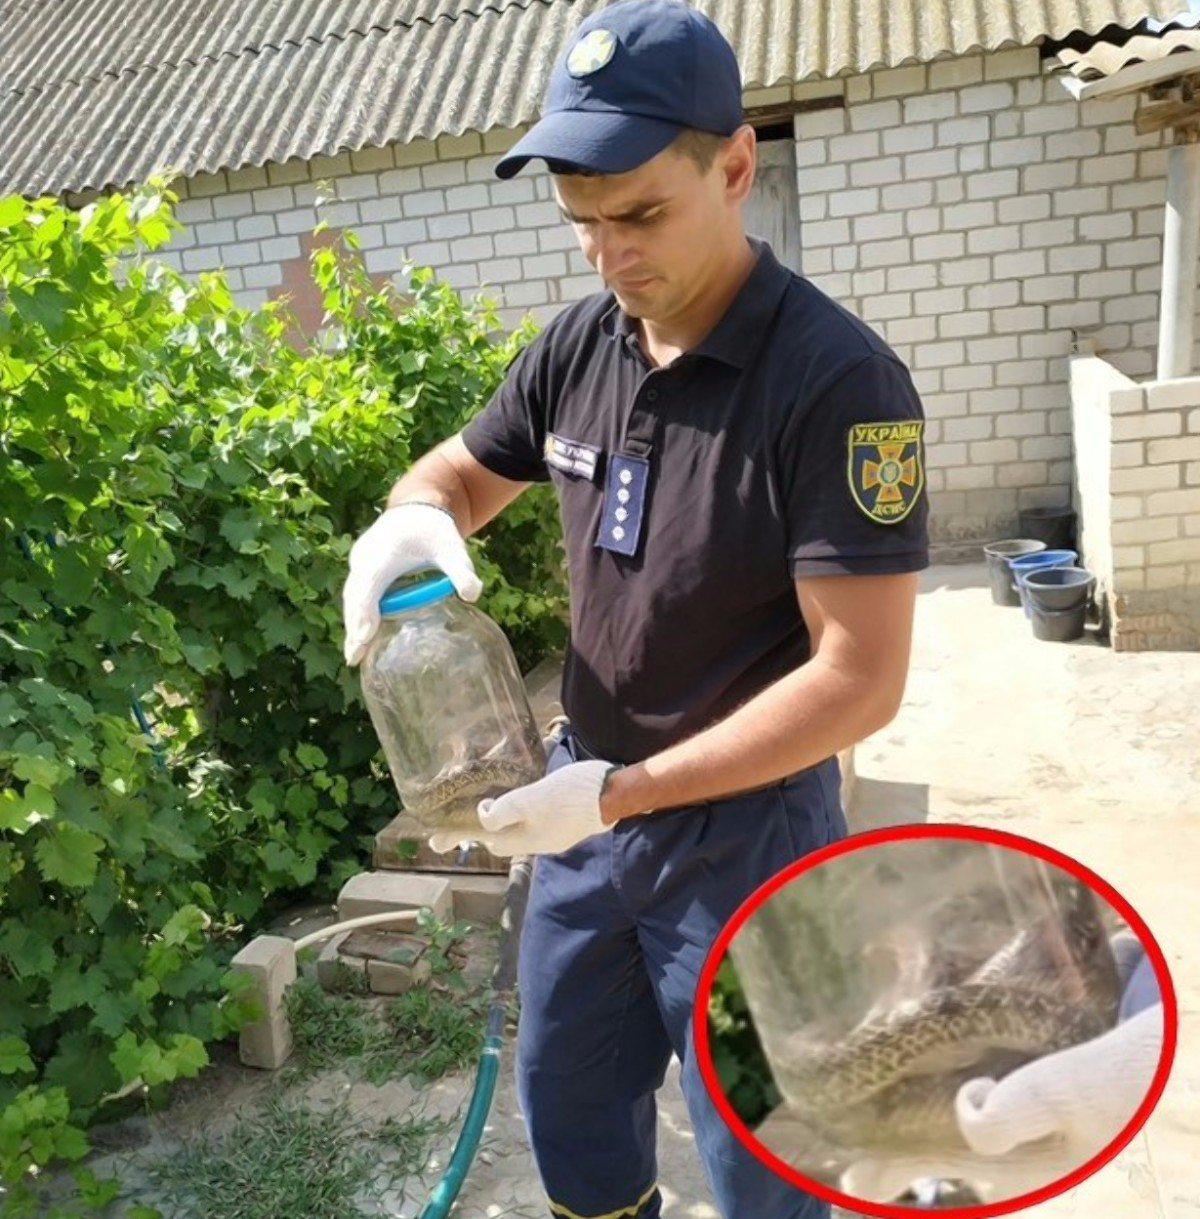 На Херсонщине спасатели избавили обитателей дома от змеи, оказавшейся неядовитой